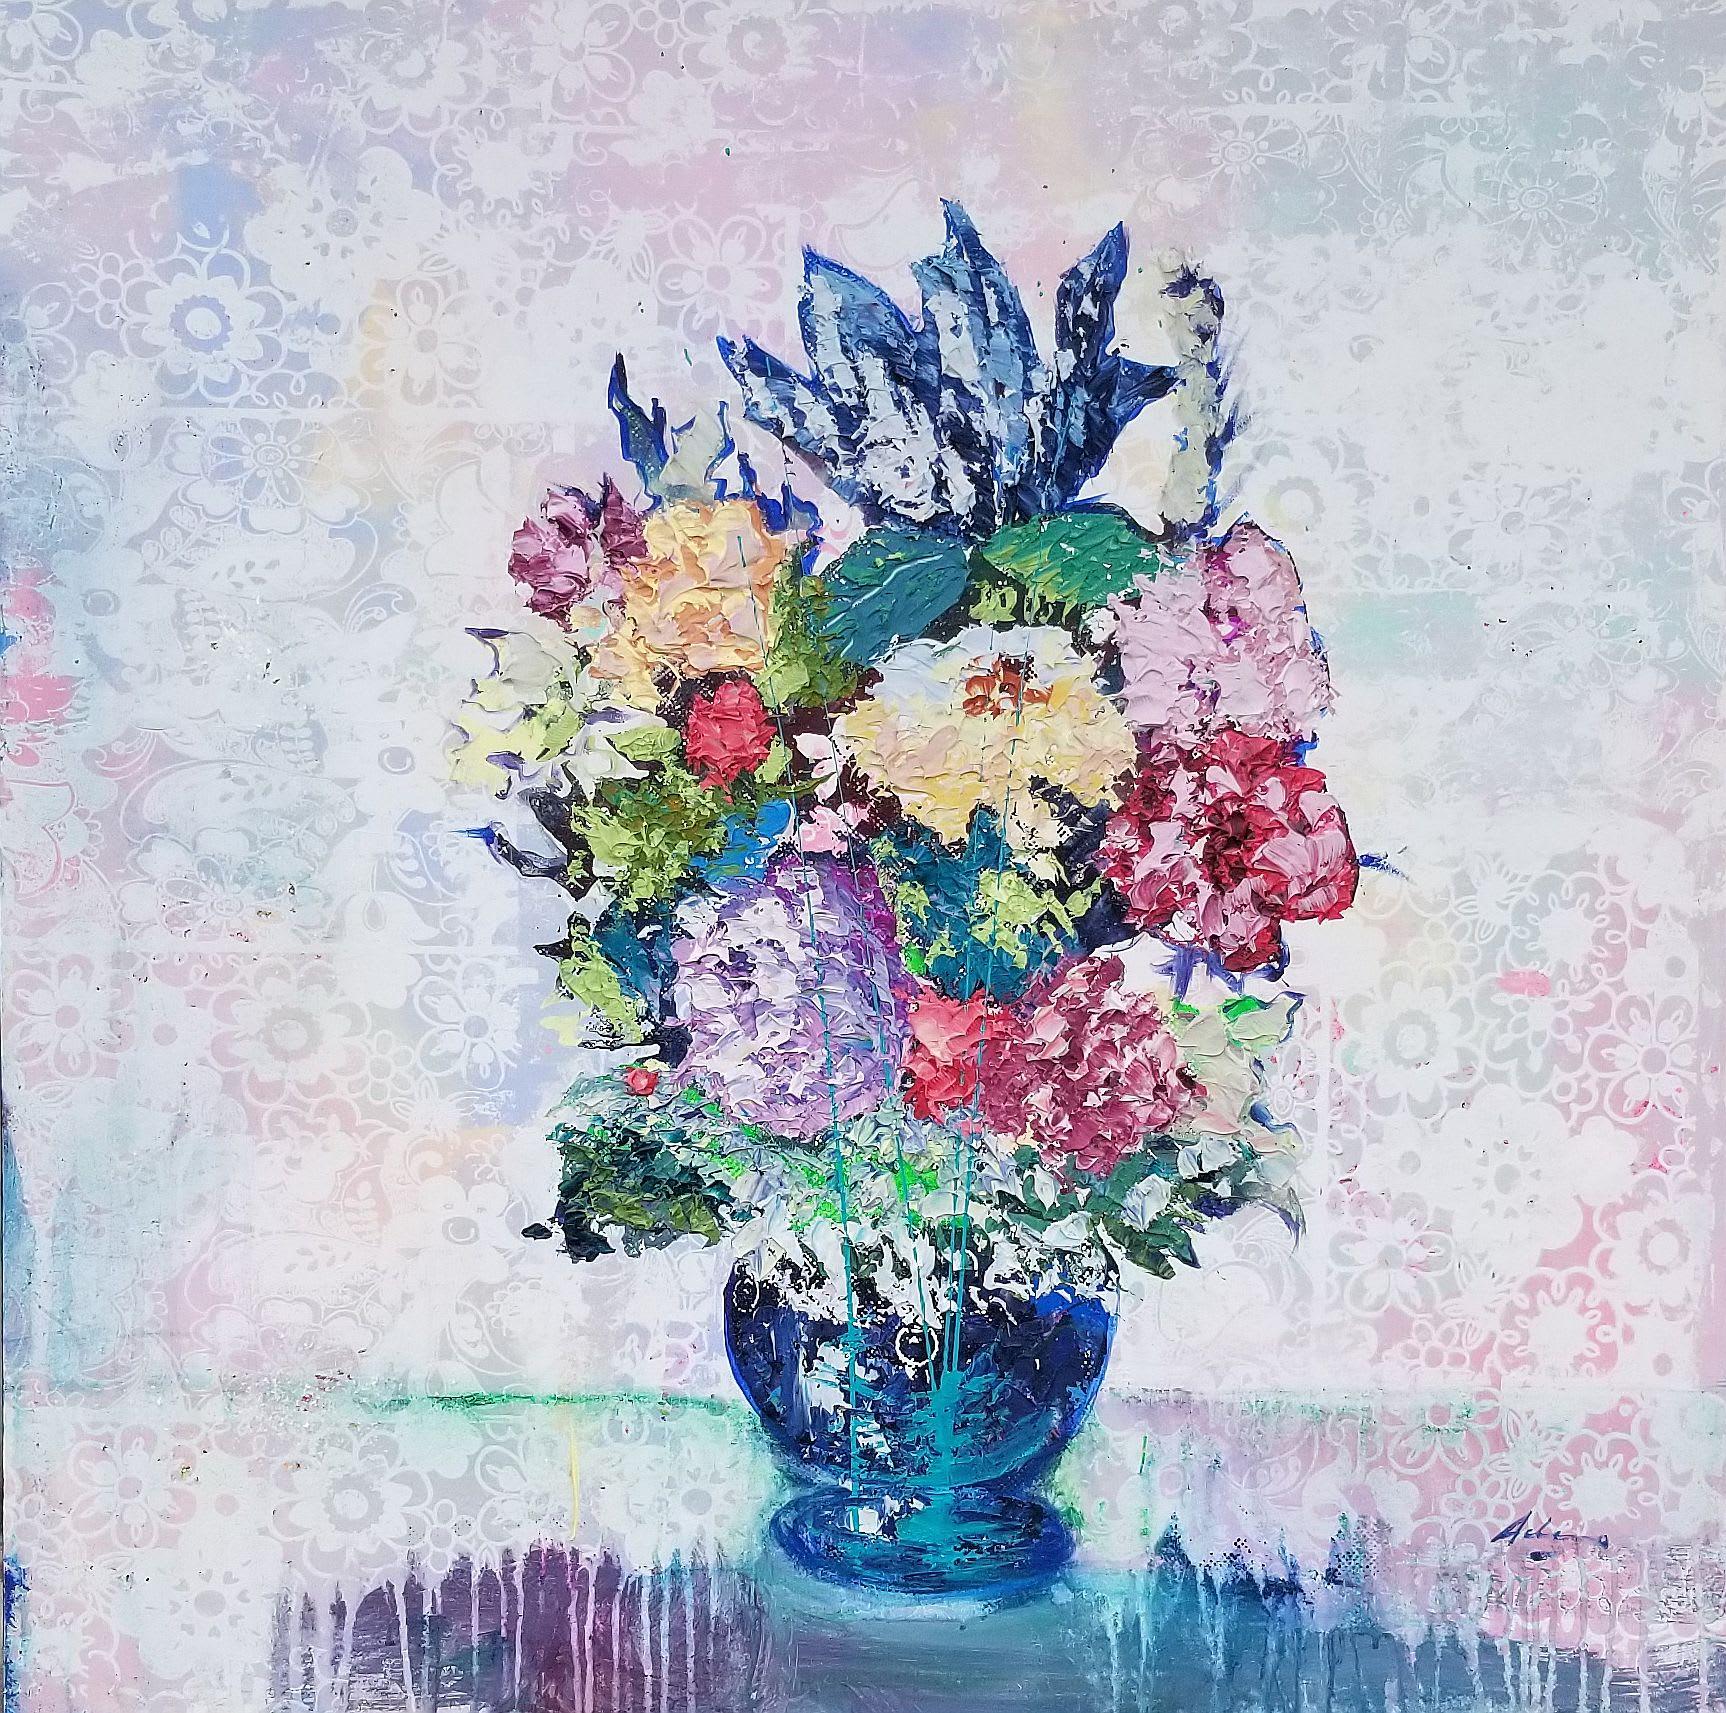 'Bel Vaso Series 2' by Pietro Adamo at Gallery 133